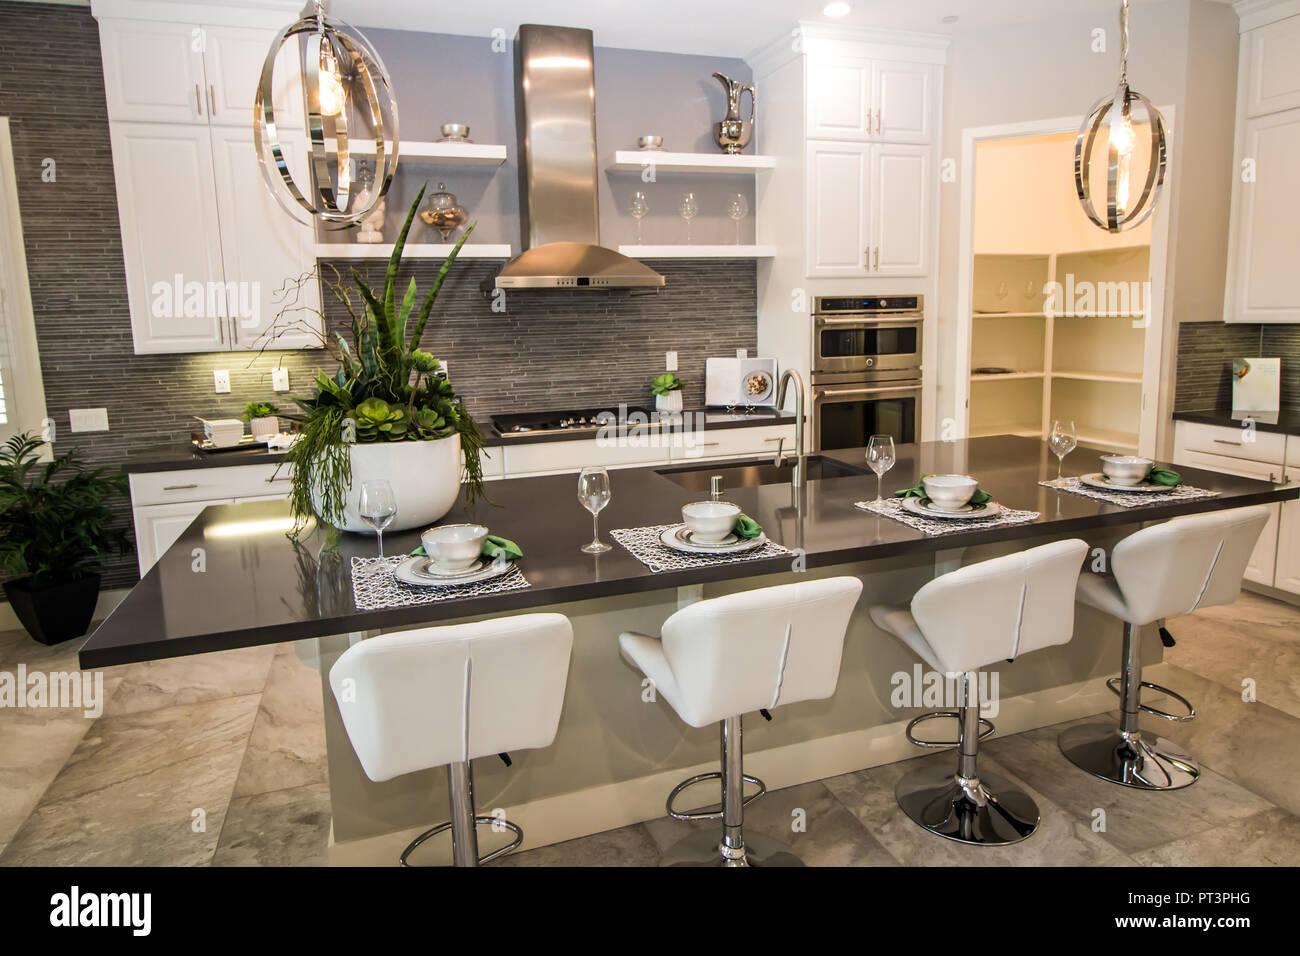 Cucina moderna con le regolazioni del posto sul banco bar ...